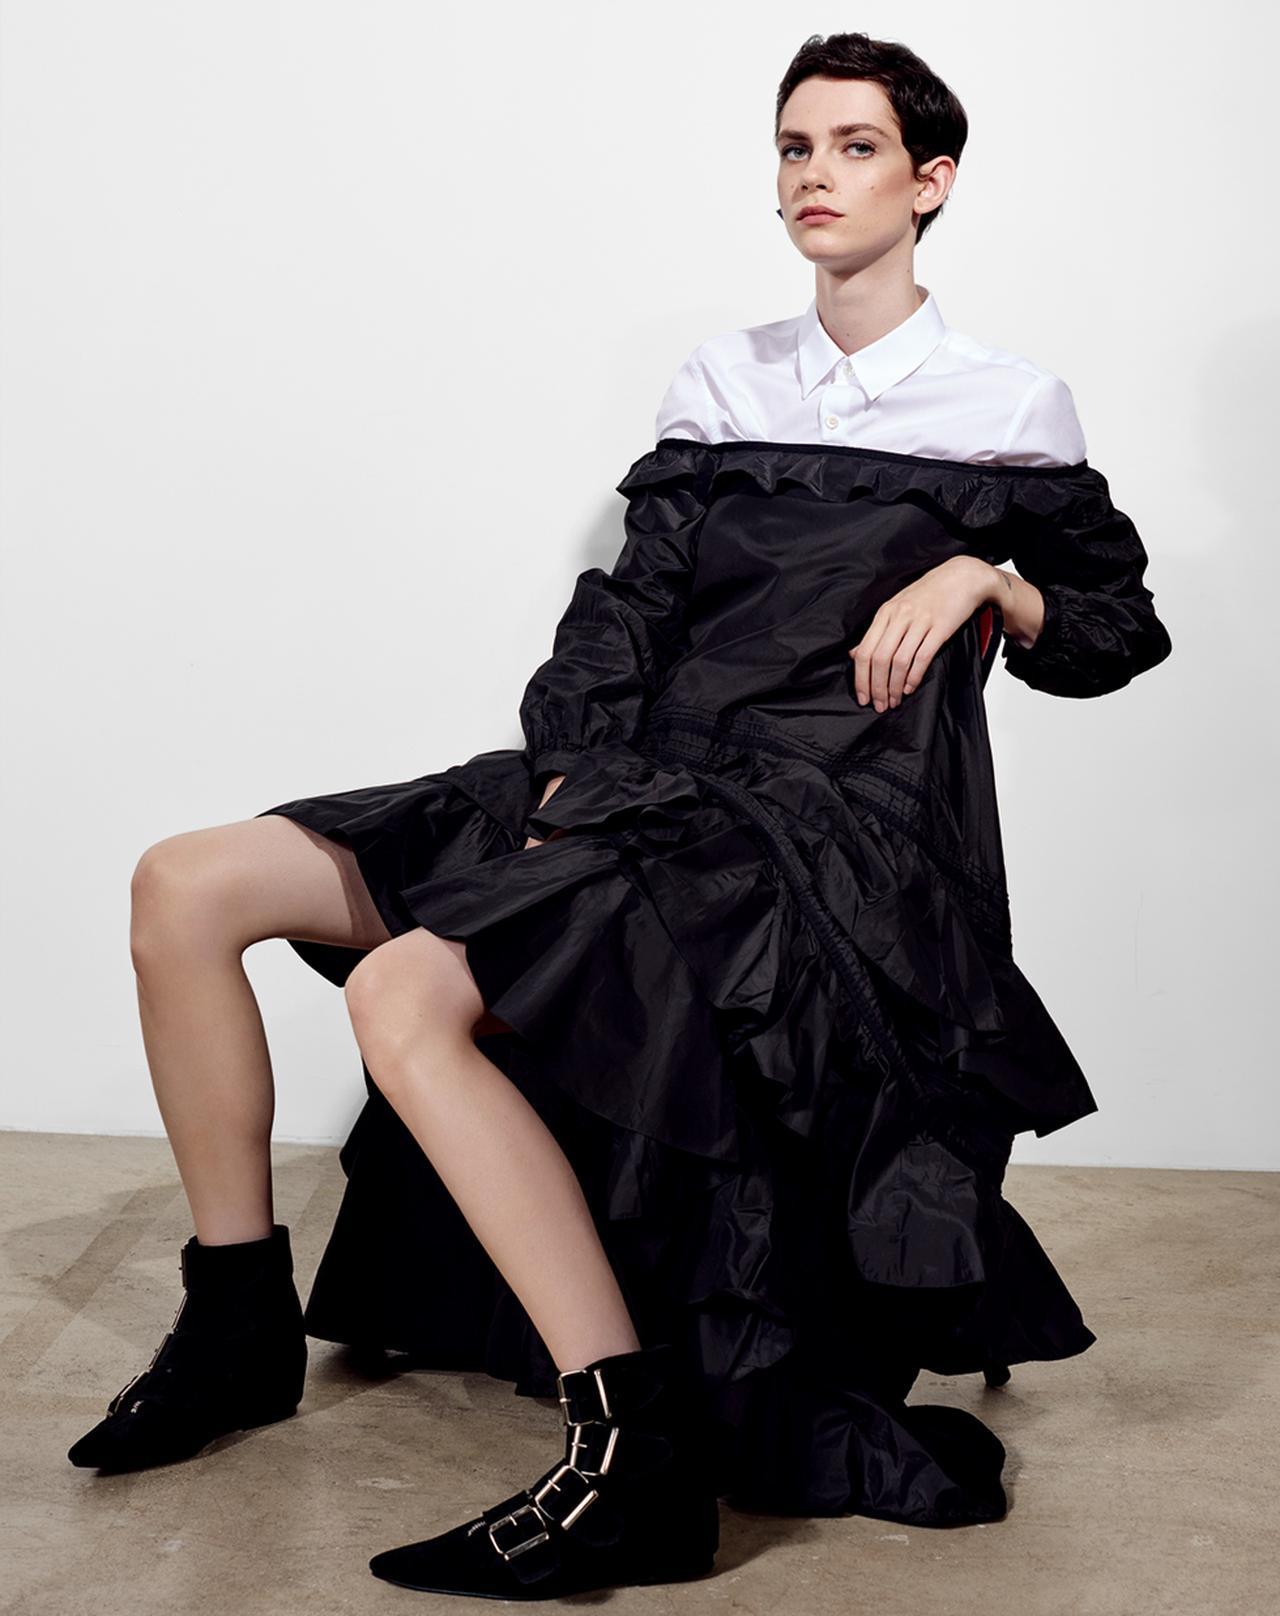 Images : 6番目の画像 - 「黒の洗練。 黒を重ね、黒を極める」のアルバム - T JAPAN:The New York Times Style Magazine 公式サイト